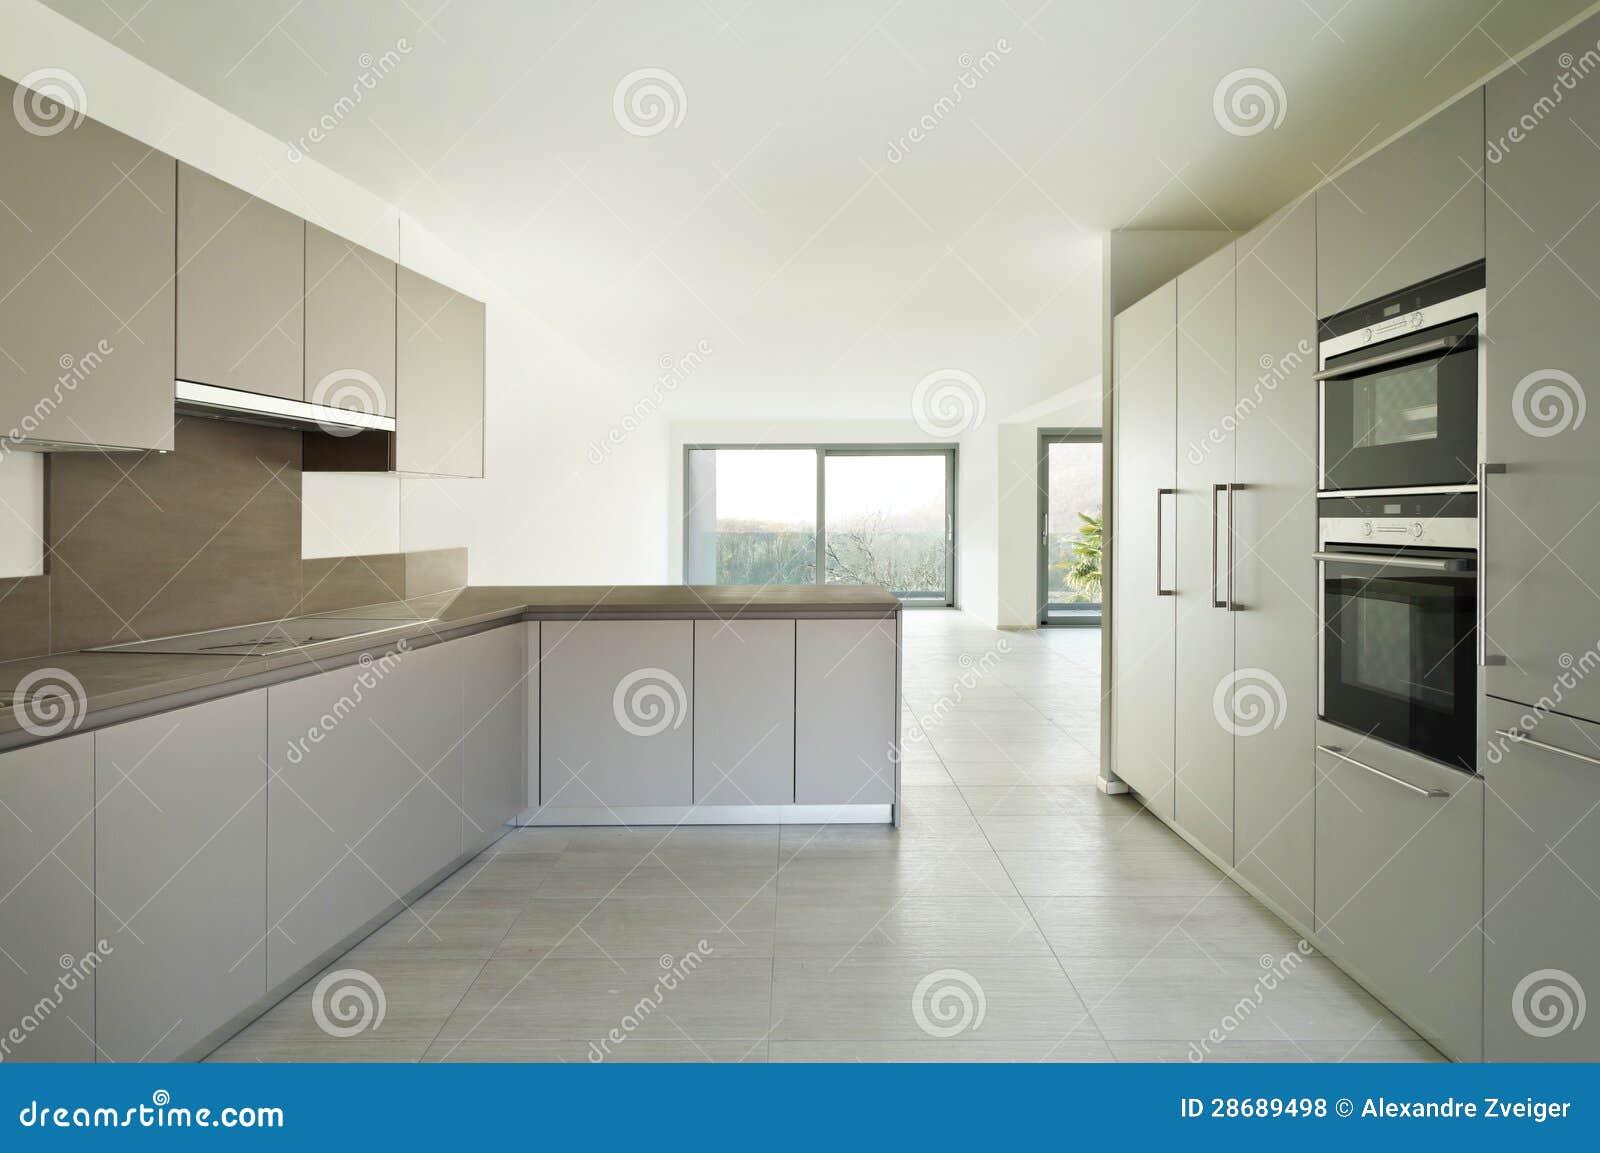 Nytt tomt kök för lägenhet fotografering för bildbyråer   bild ...